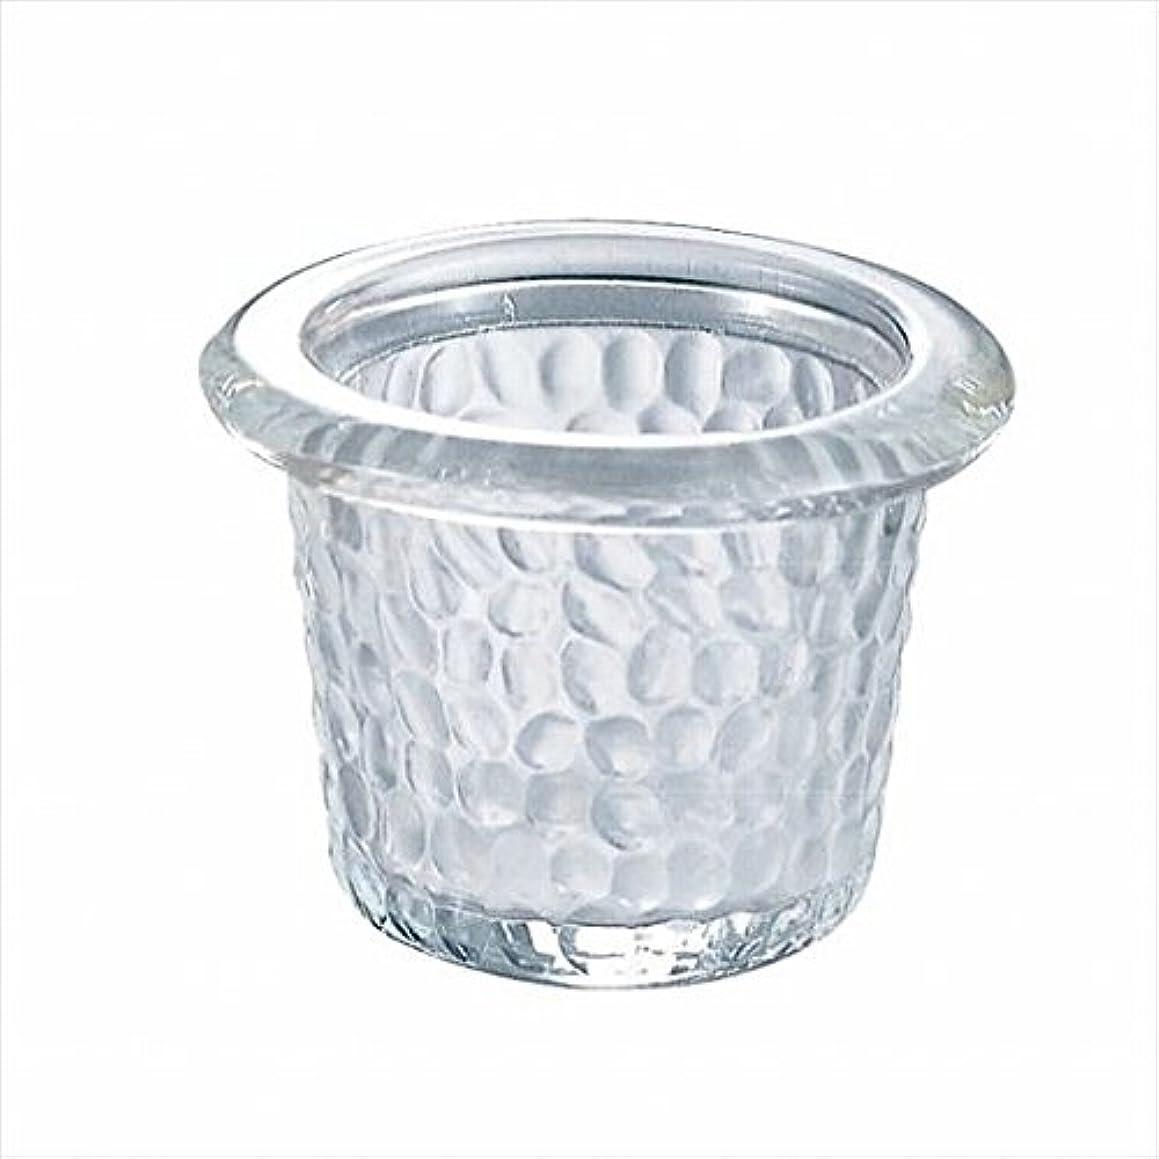 肺ハッピーメアリアンジョーンズカメヤマキャンドル(kameyama candle) ハンマードグラスライトハウス 「 クリア 」6個セット